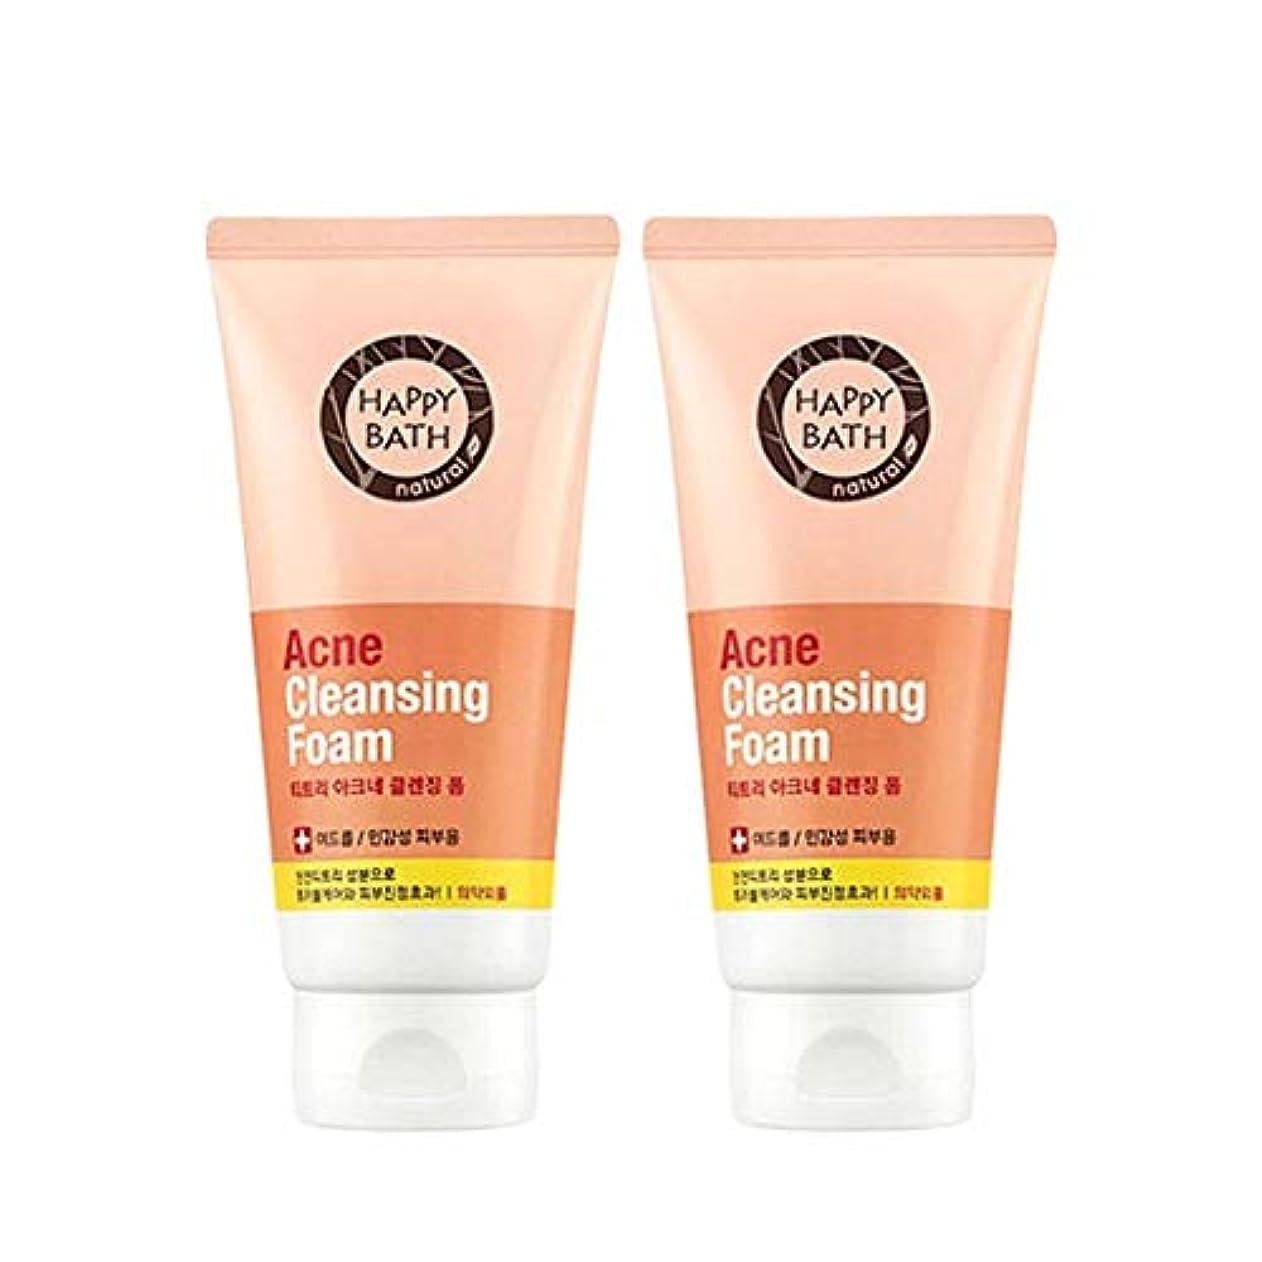 ハッピーバスティーツリーアクネクレンジングフォーム175gx2本セット韓国コスメ、Happy Bath Acne Cleansing Foam 175g x 2ea Set Korean Cosmetics [並行輸入品]